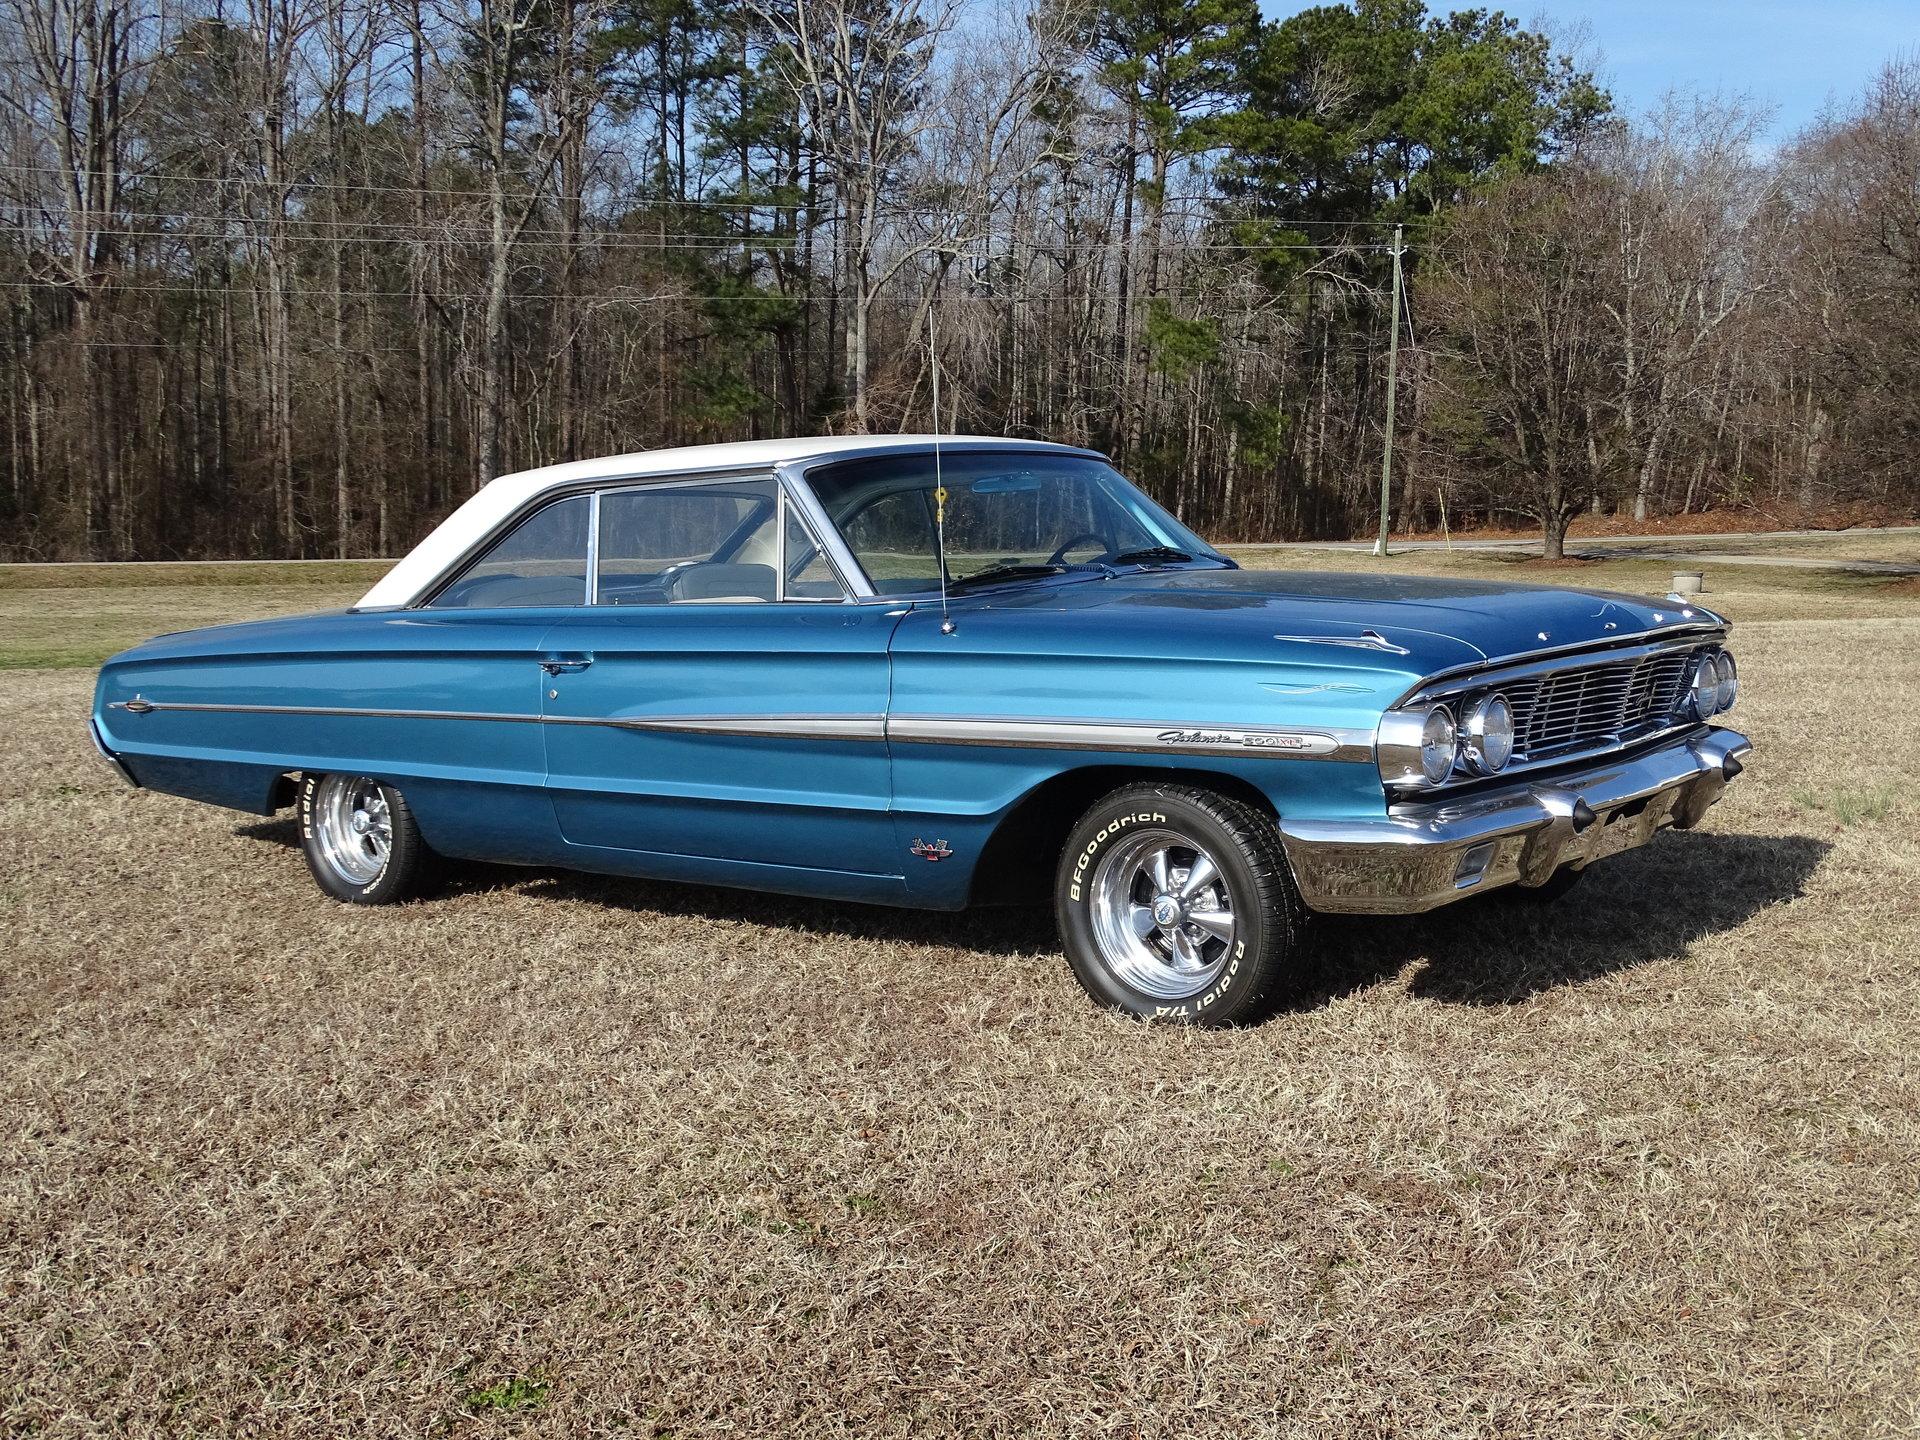 The Reserve Greensboro >> 1964 Ford Galaxie   GAA Classic Cars